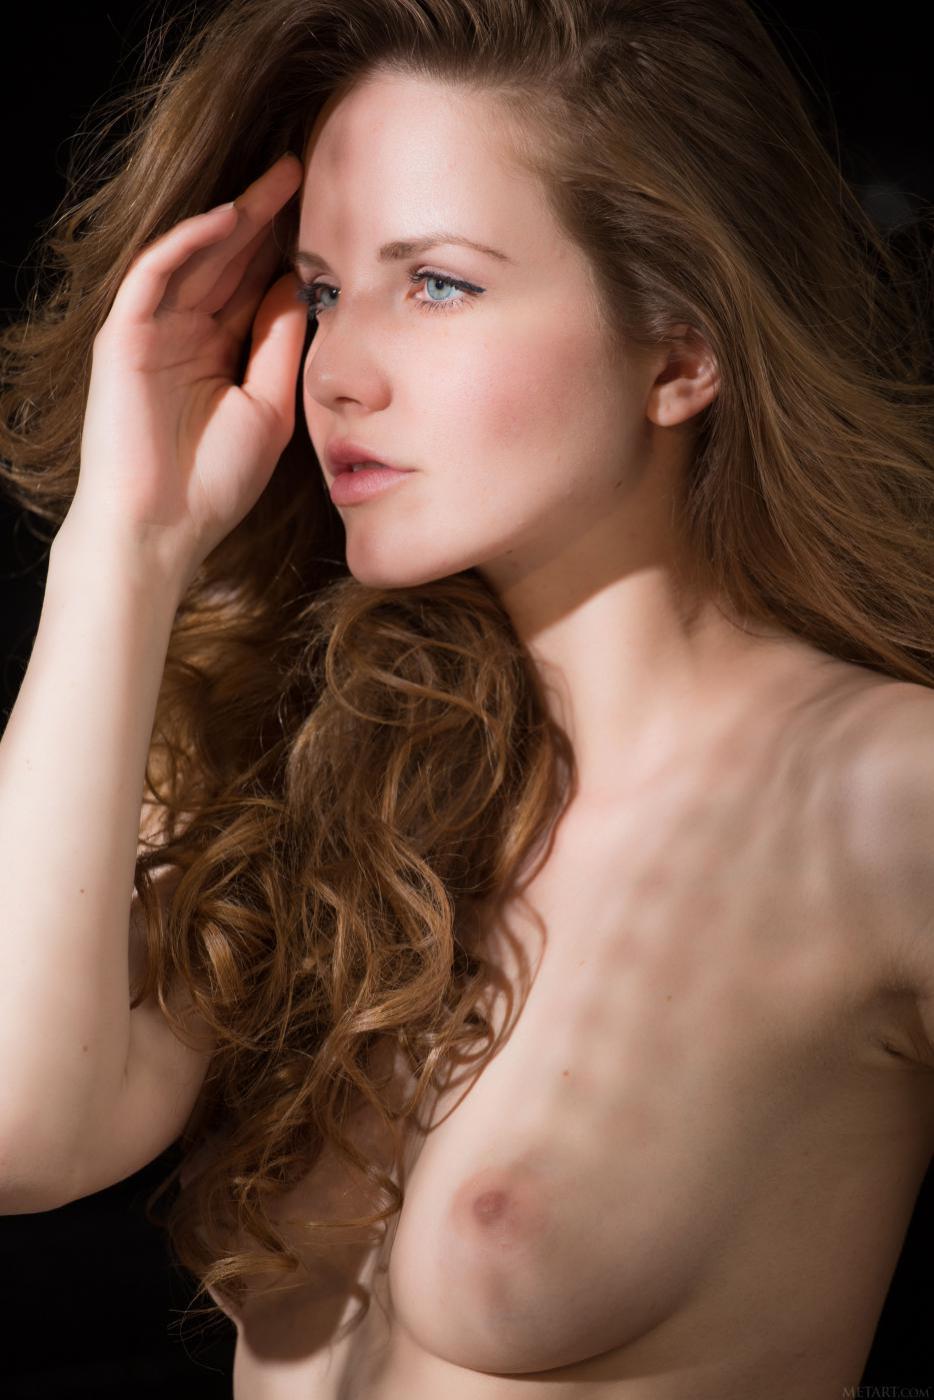 Соблазнительная натуральная красотка Camilla A позирует обнаженной в самой горячей эротической фотосессии всех времен